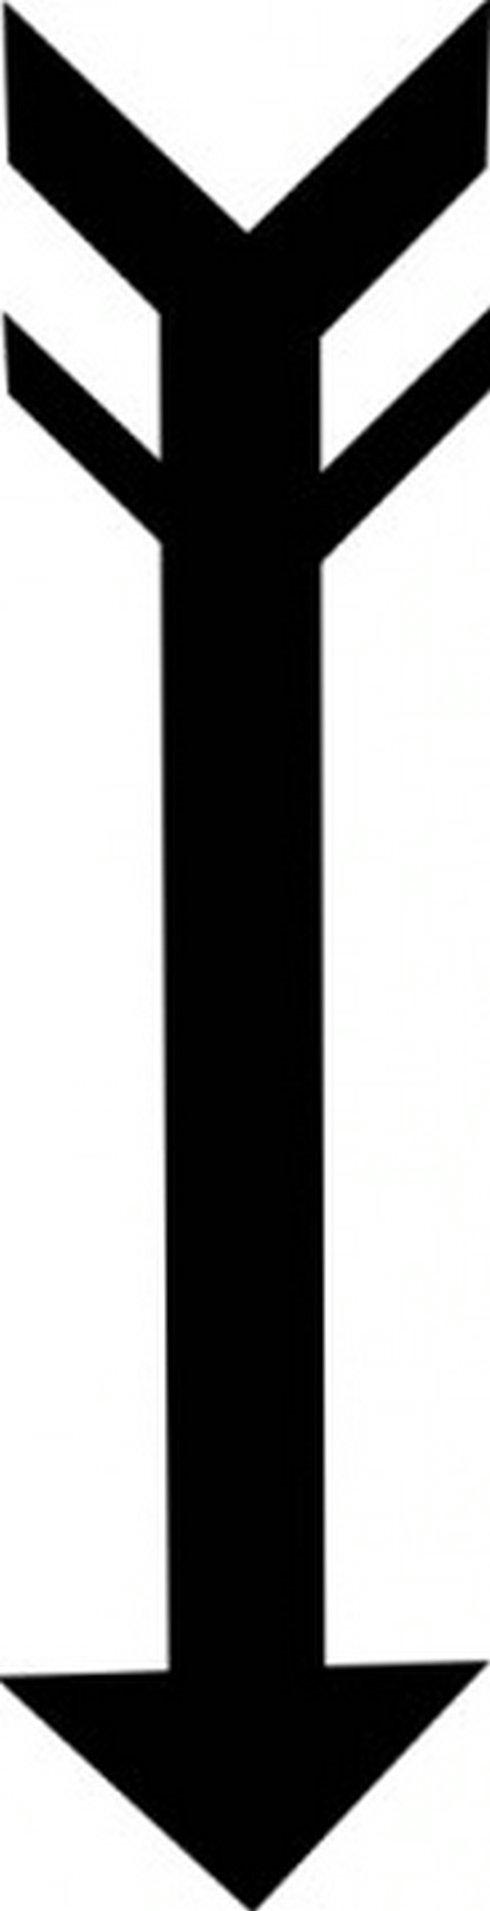 Arrow Clip Art 7 Free Vector Download Gr-Arrow Clip Art 7 Free Vector Download Graphicsmaterialepsai-3